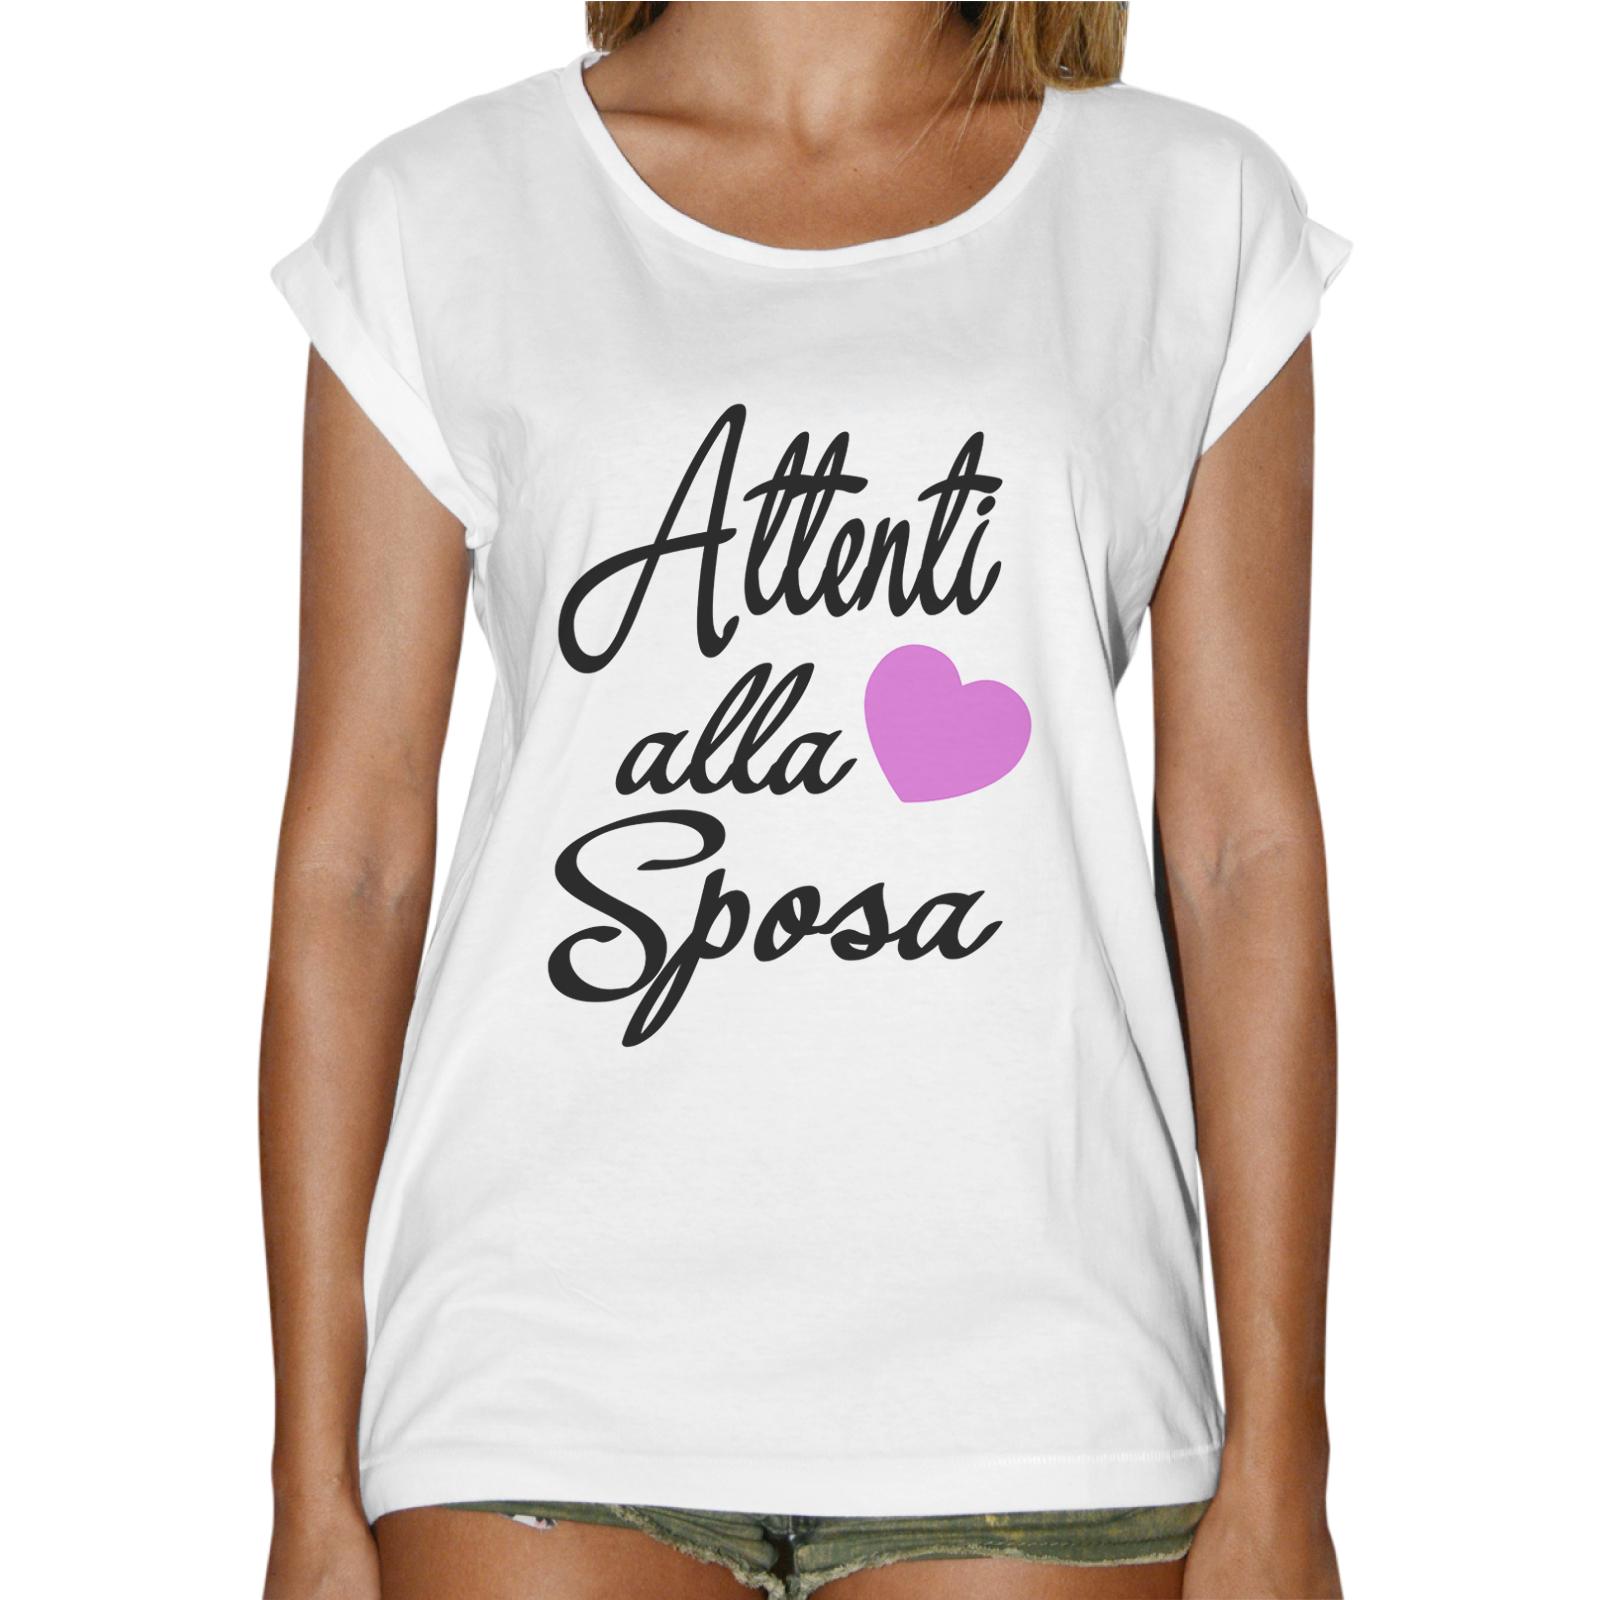 T-Shirt Donna Fashion ATTENTI ALLA SPOSA 1